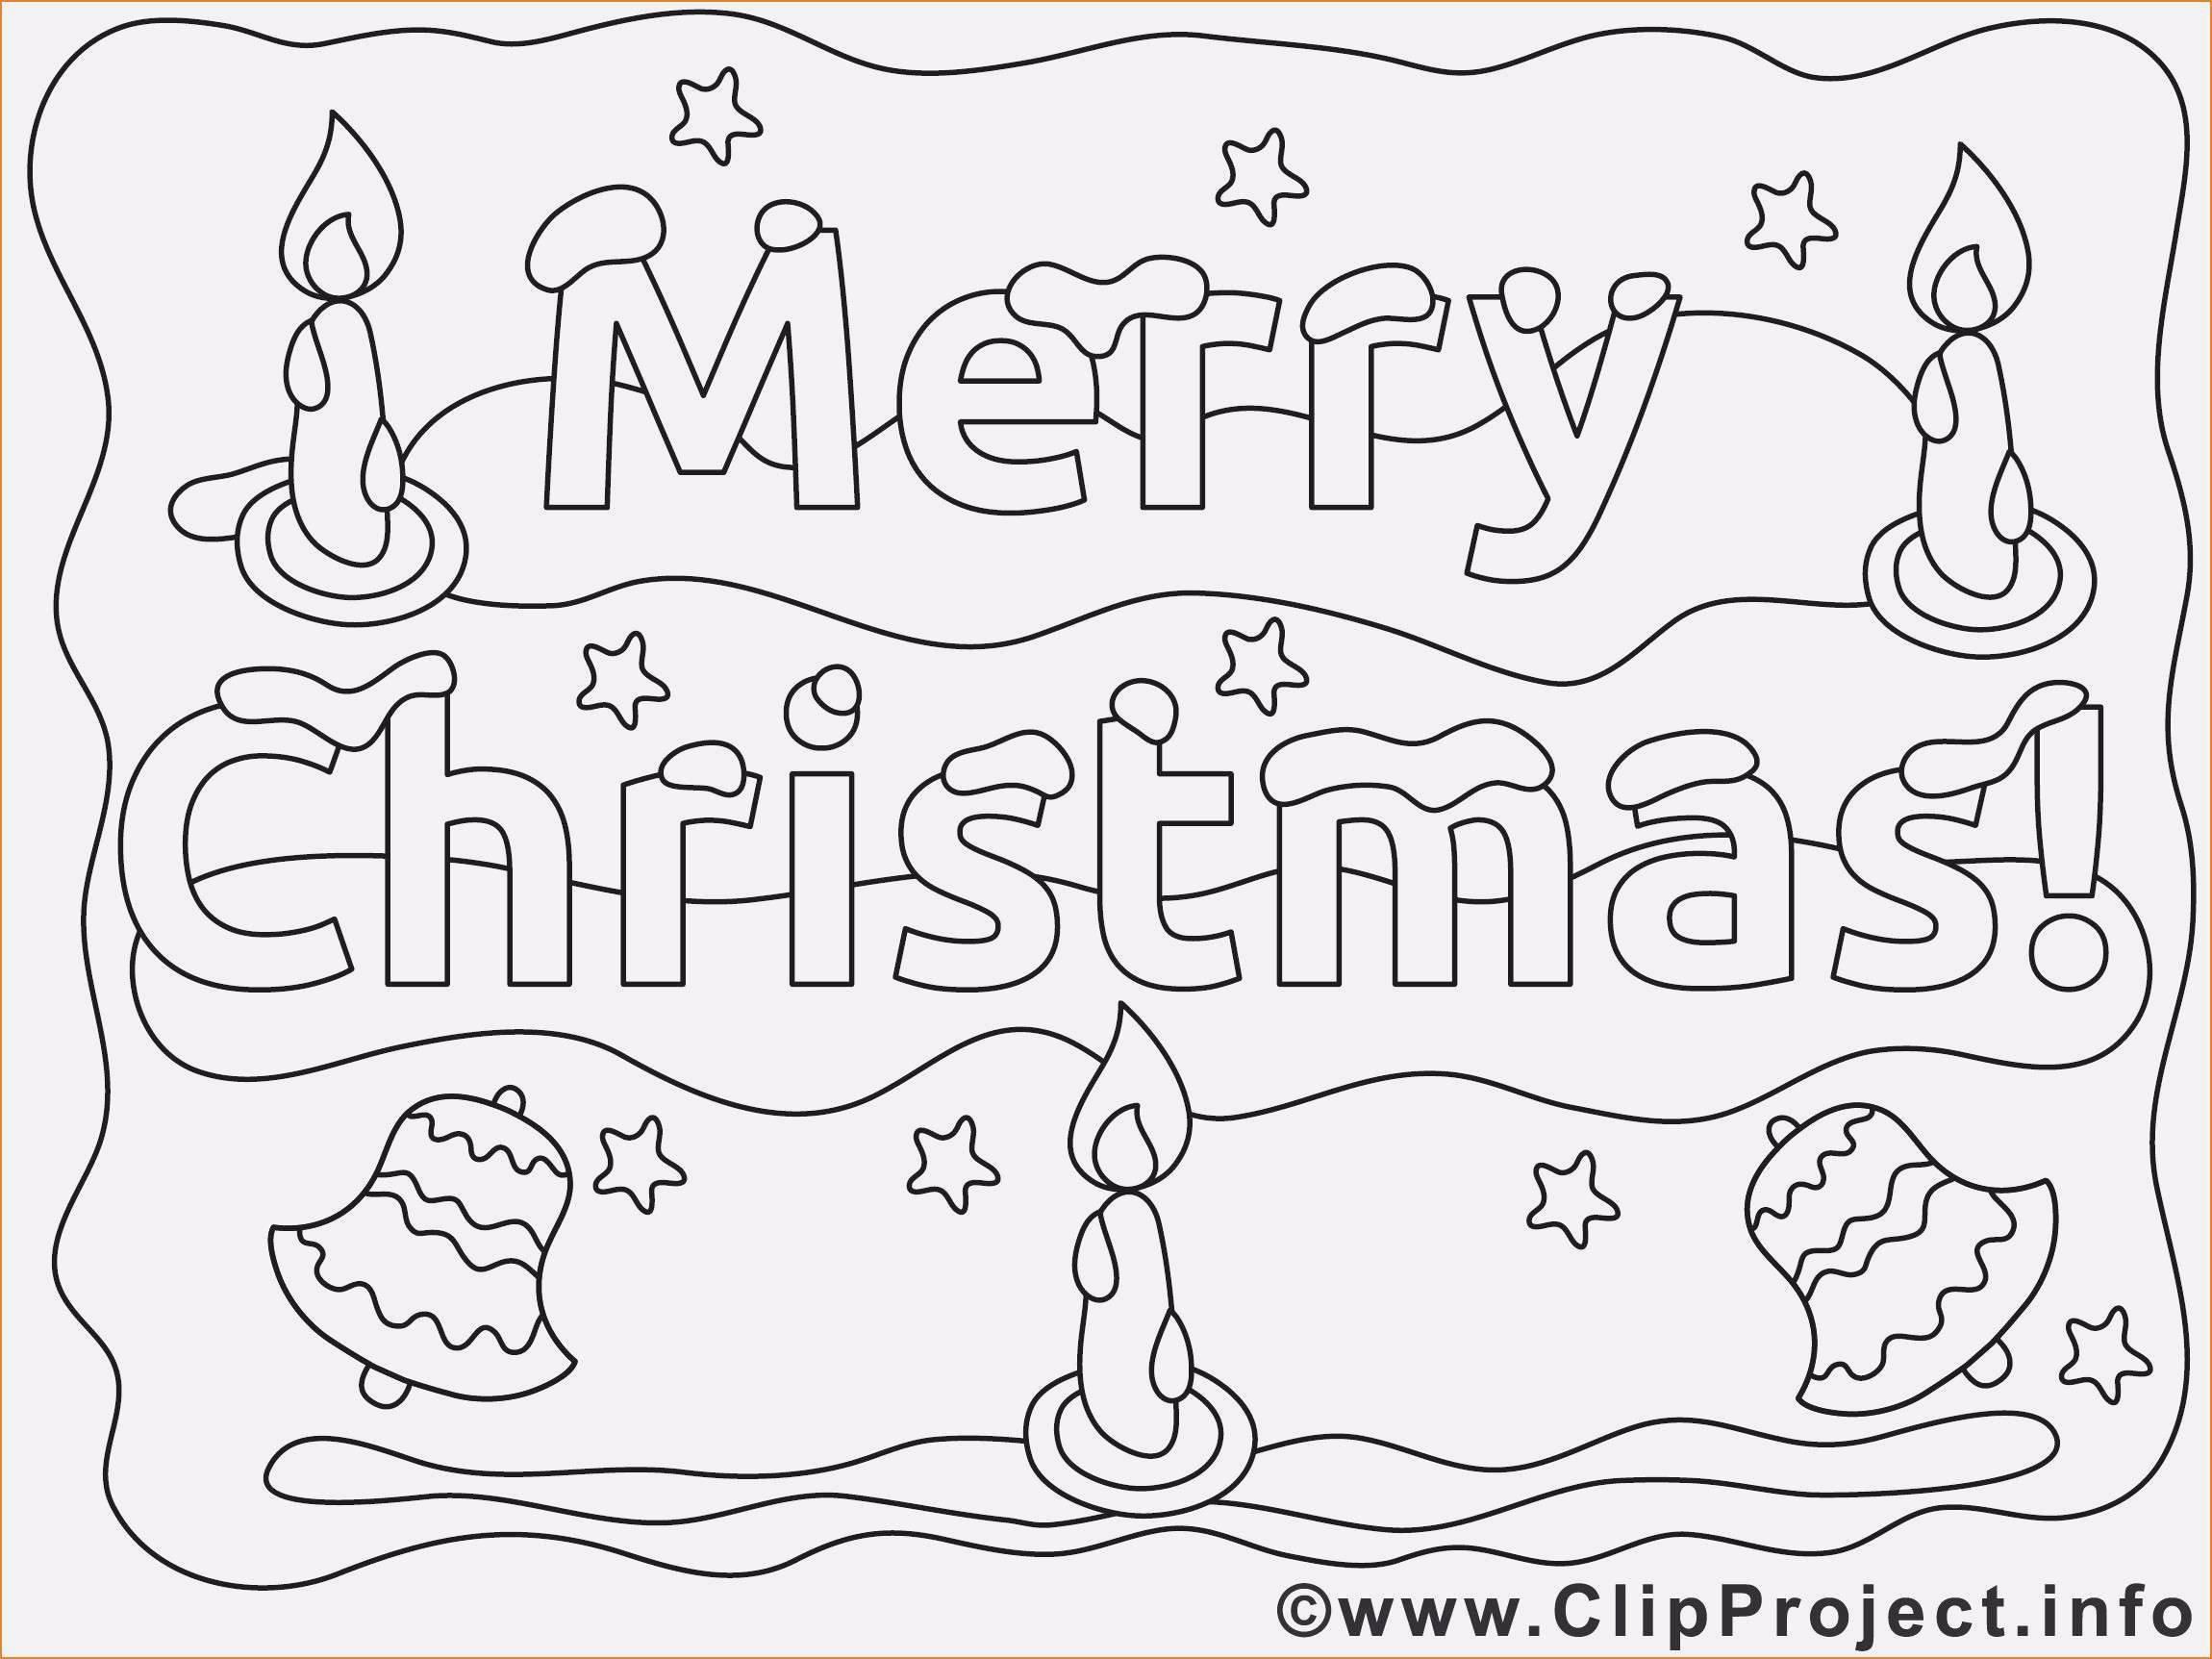 Ausmalbilder Weihnachten Krippe Neu 25 Erstaunlich Ausmalbilder Weihnachten Jesus Sammlung